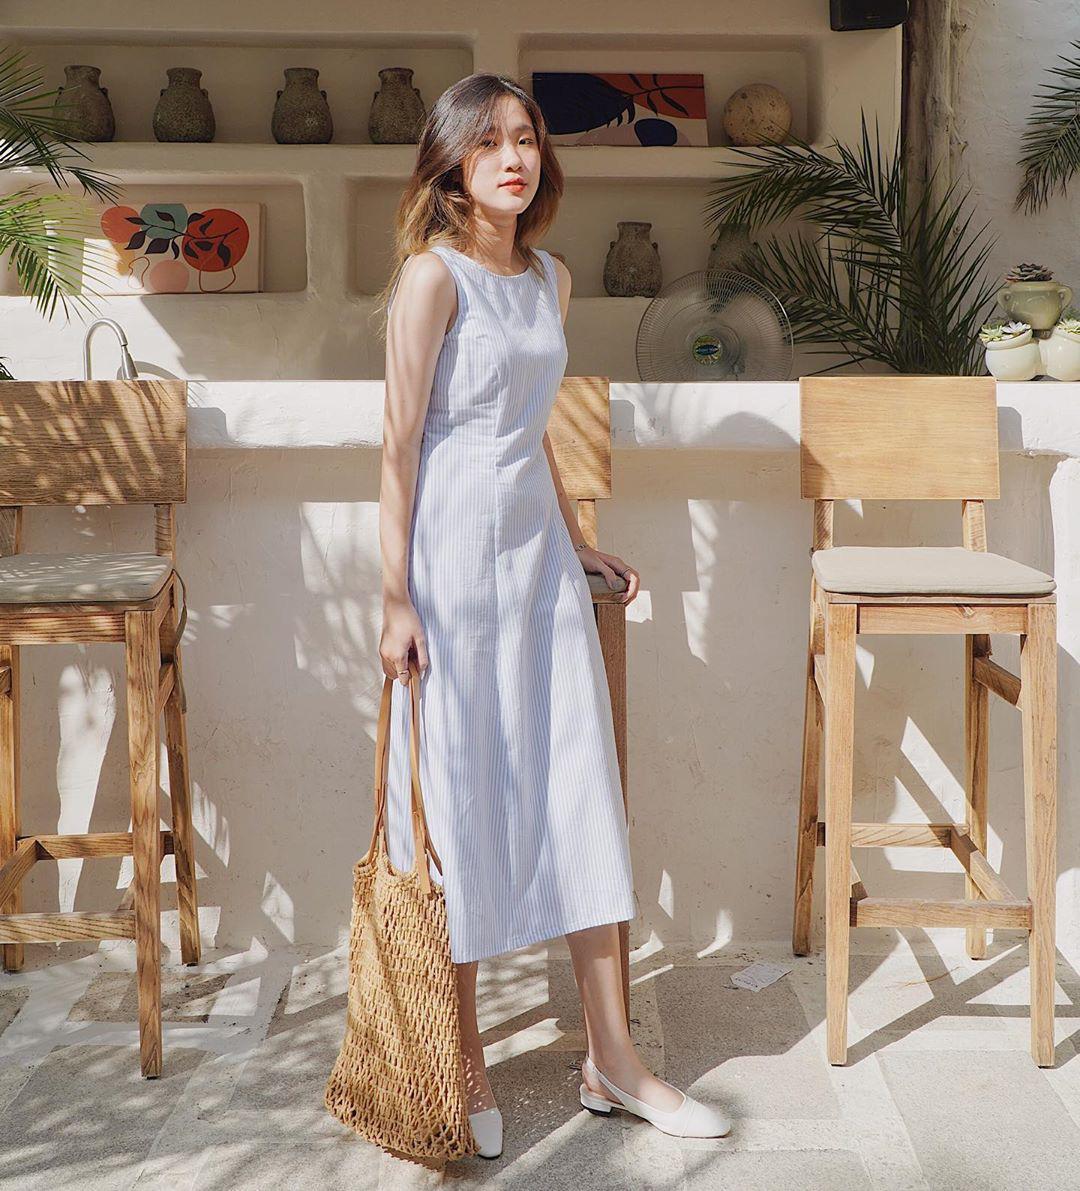 Nhắm trước 11 mẫu váy sau cho dịp 20/10 là chuẩn chỉnh, bộ nào cũng xinh mà giá chỉ từ 200k - Ảnh 8.